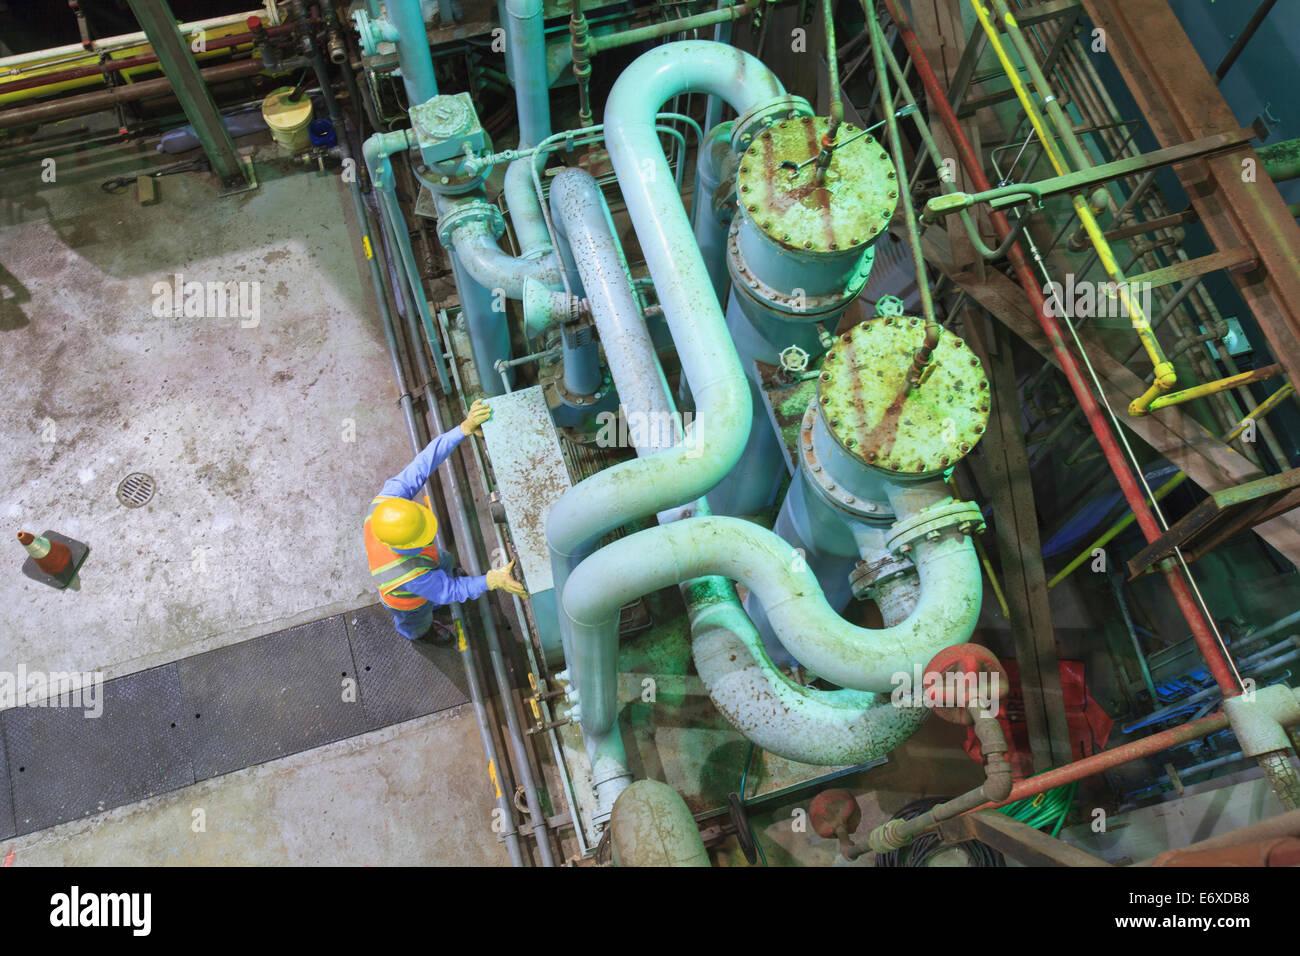 En ingénieur centrale électrique à turbine à gaz et gaz condensation prix examen mètres Photo Stock